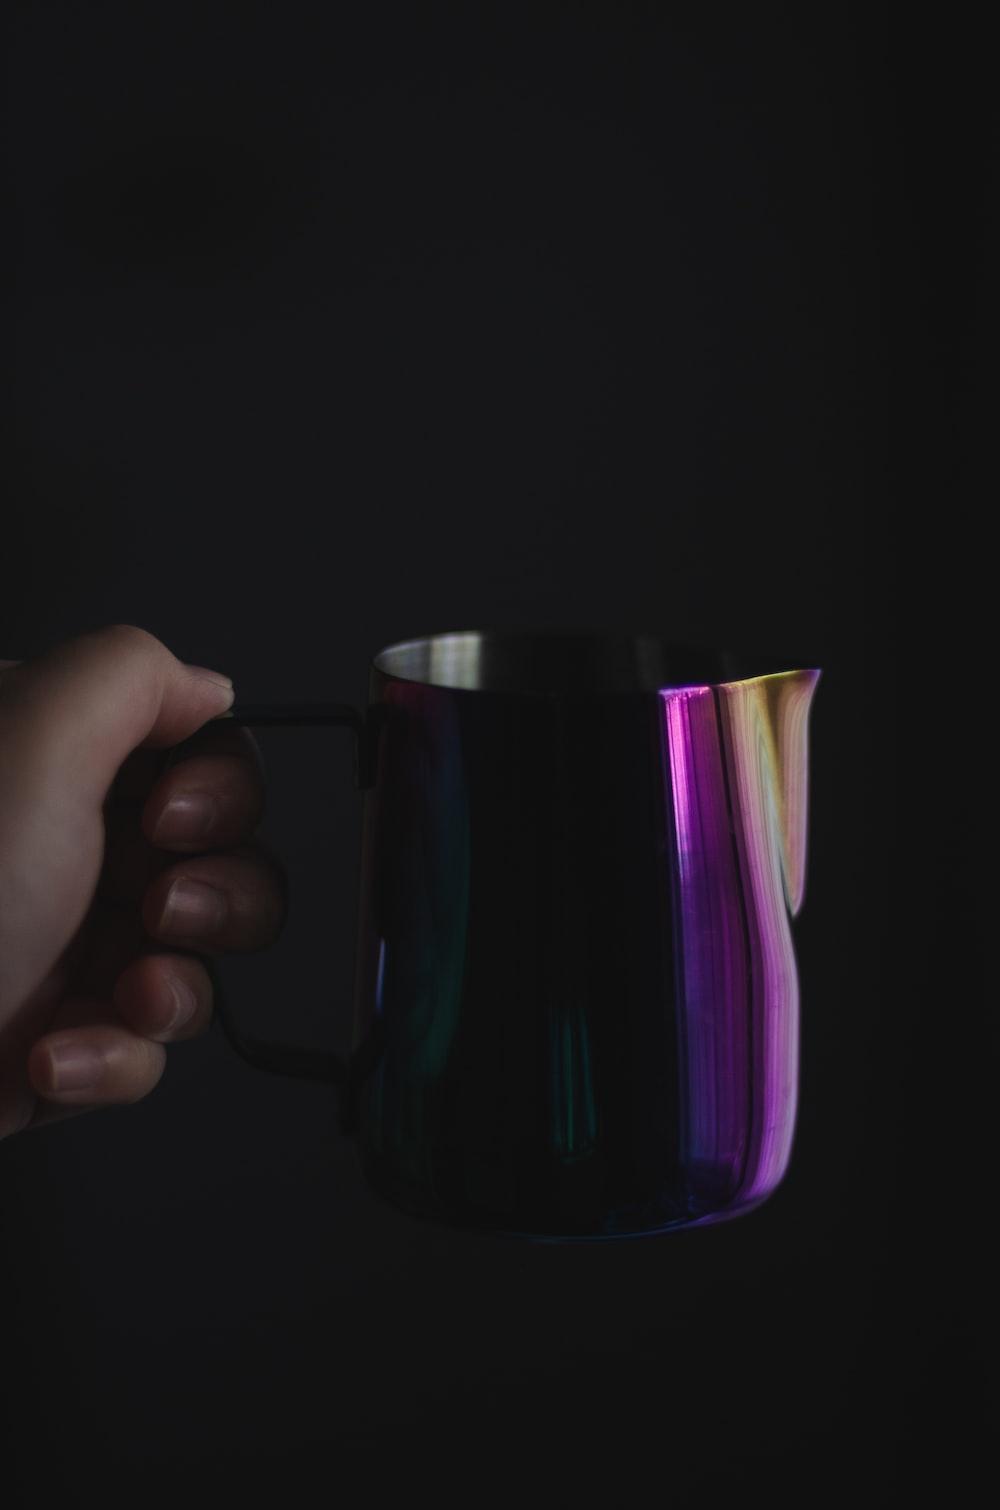 purple and black ceramic mug